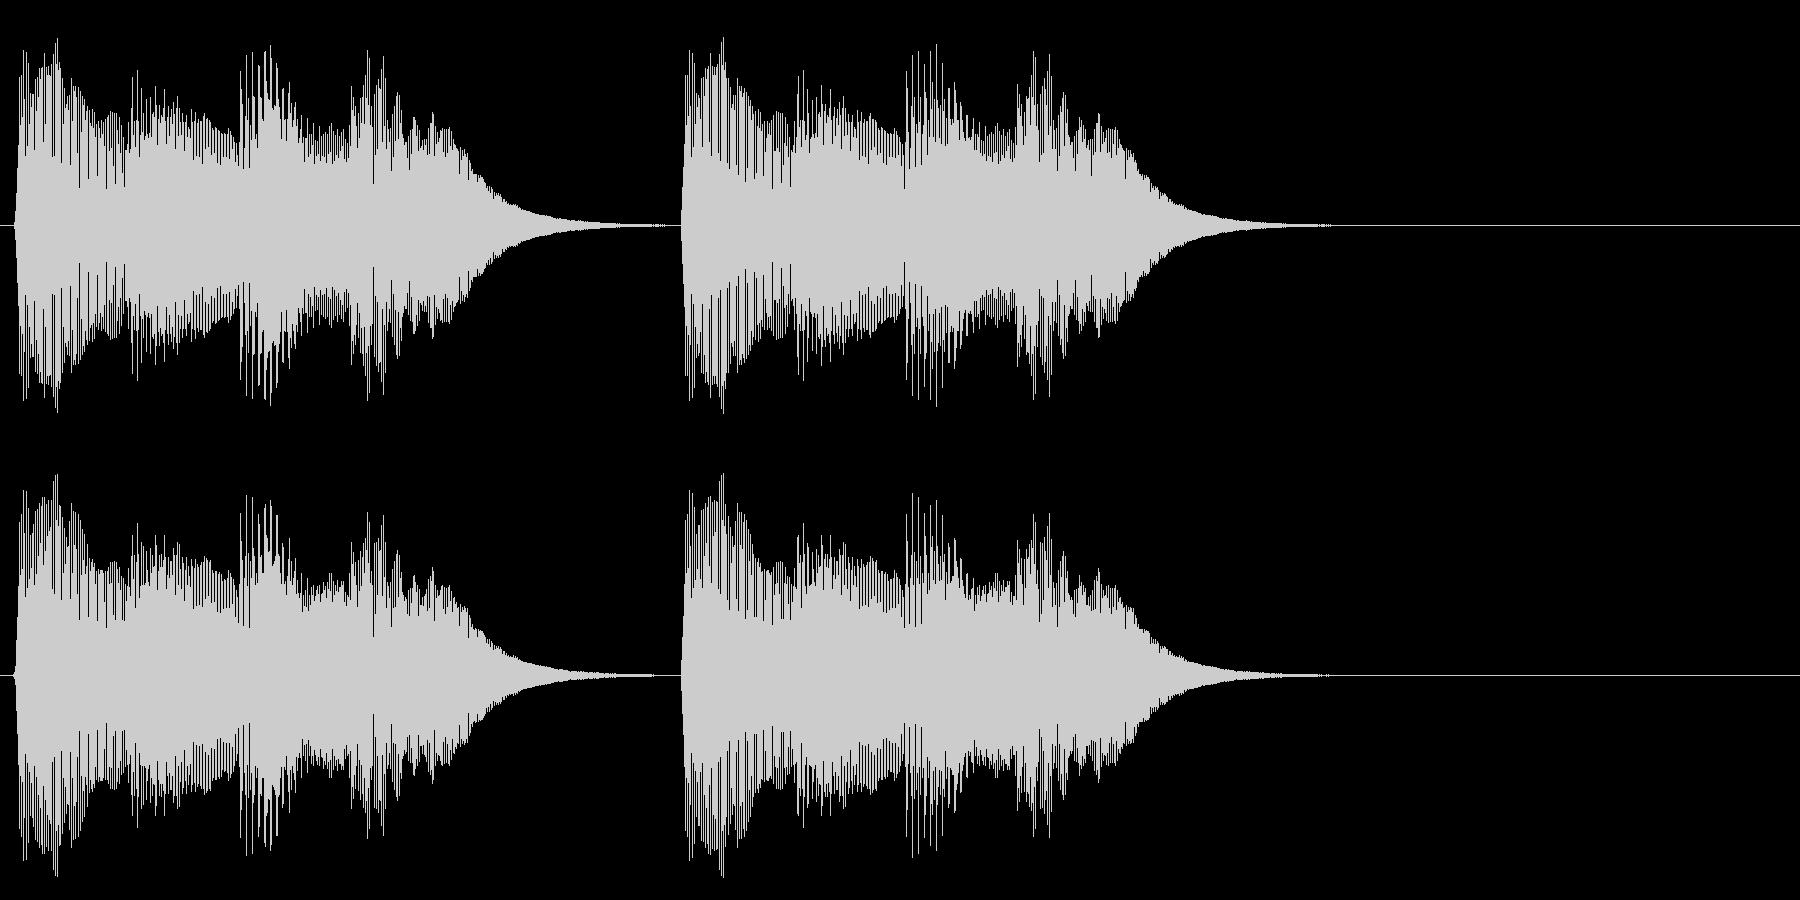 テロリラテロリラ(アラートに最適ピアノ)の未再生の波形